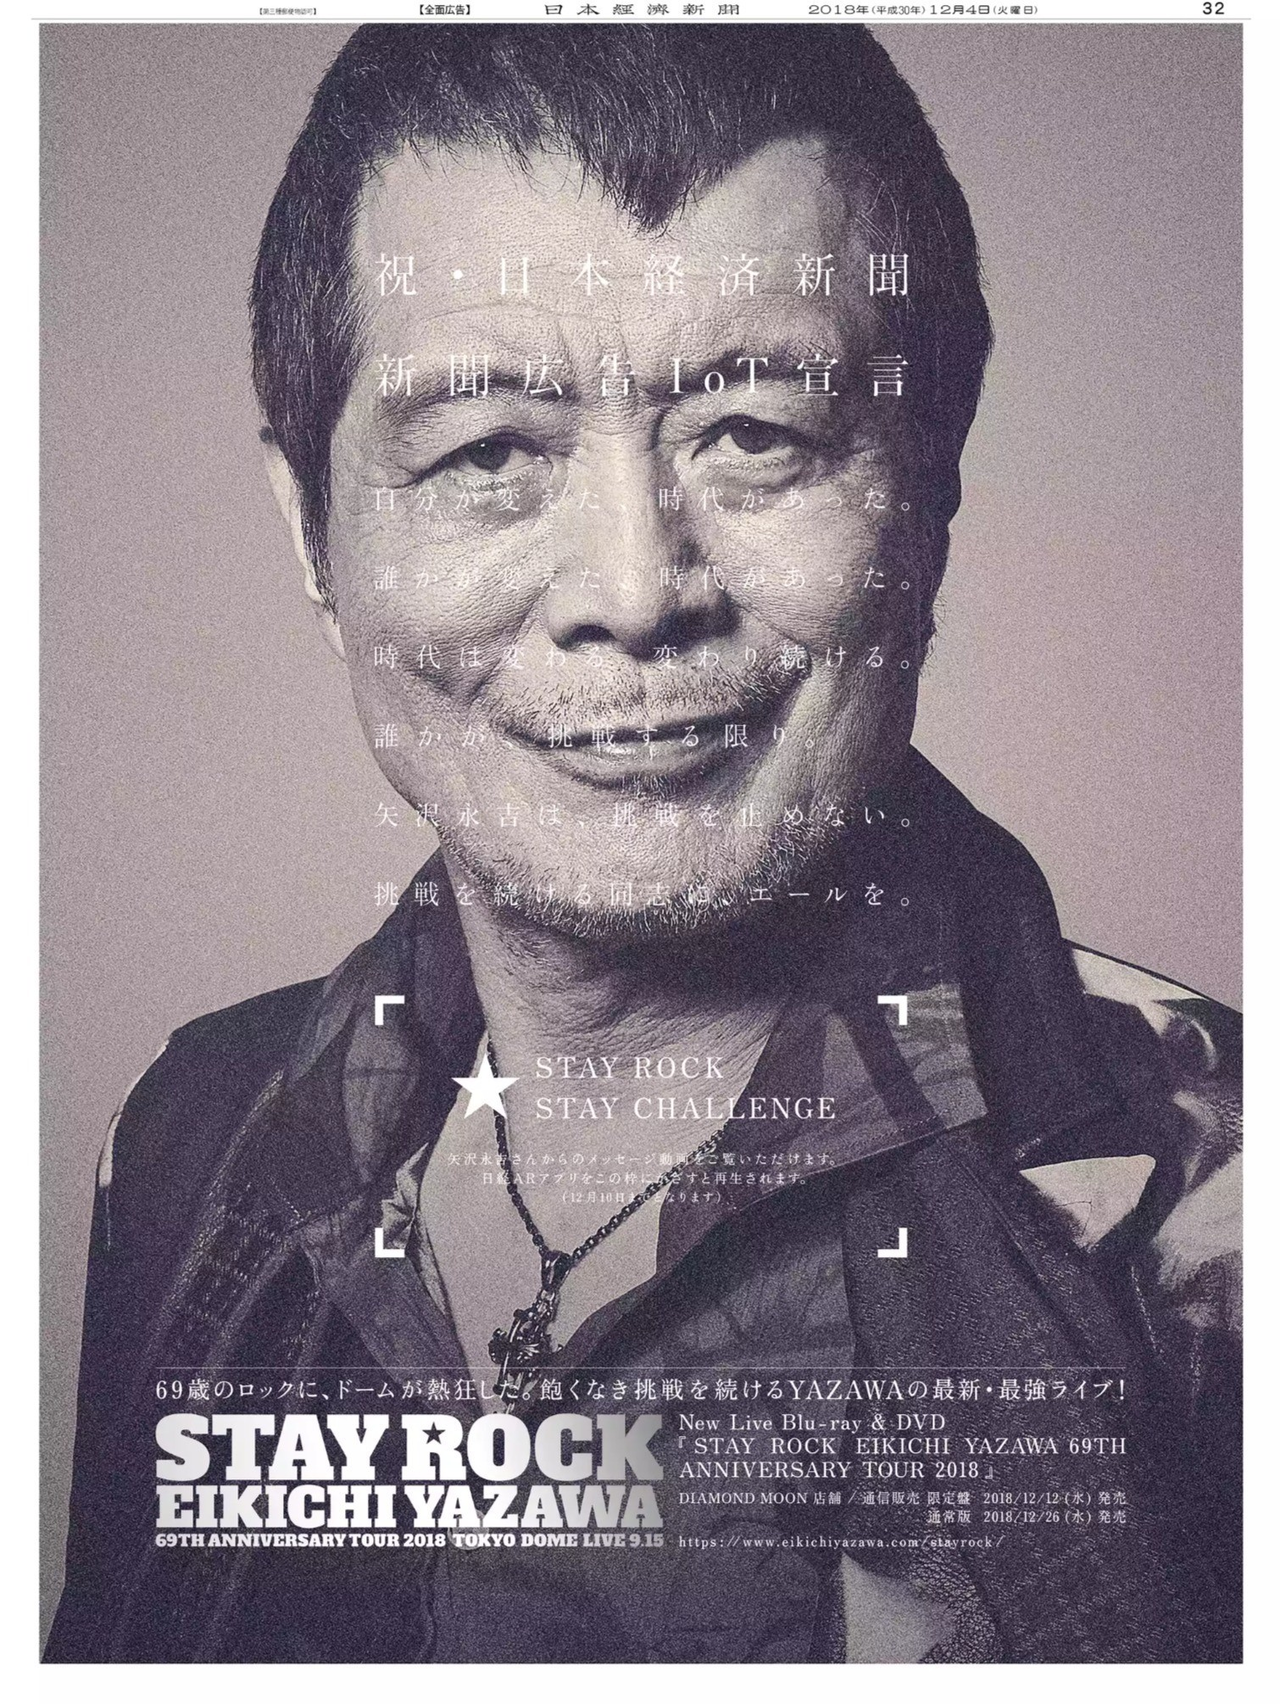 日経新聞 新聞広告iot宣言 矢沢永吉 矢沢 永吉 永吉 矢沢